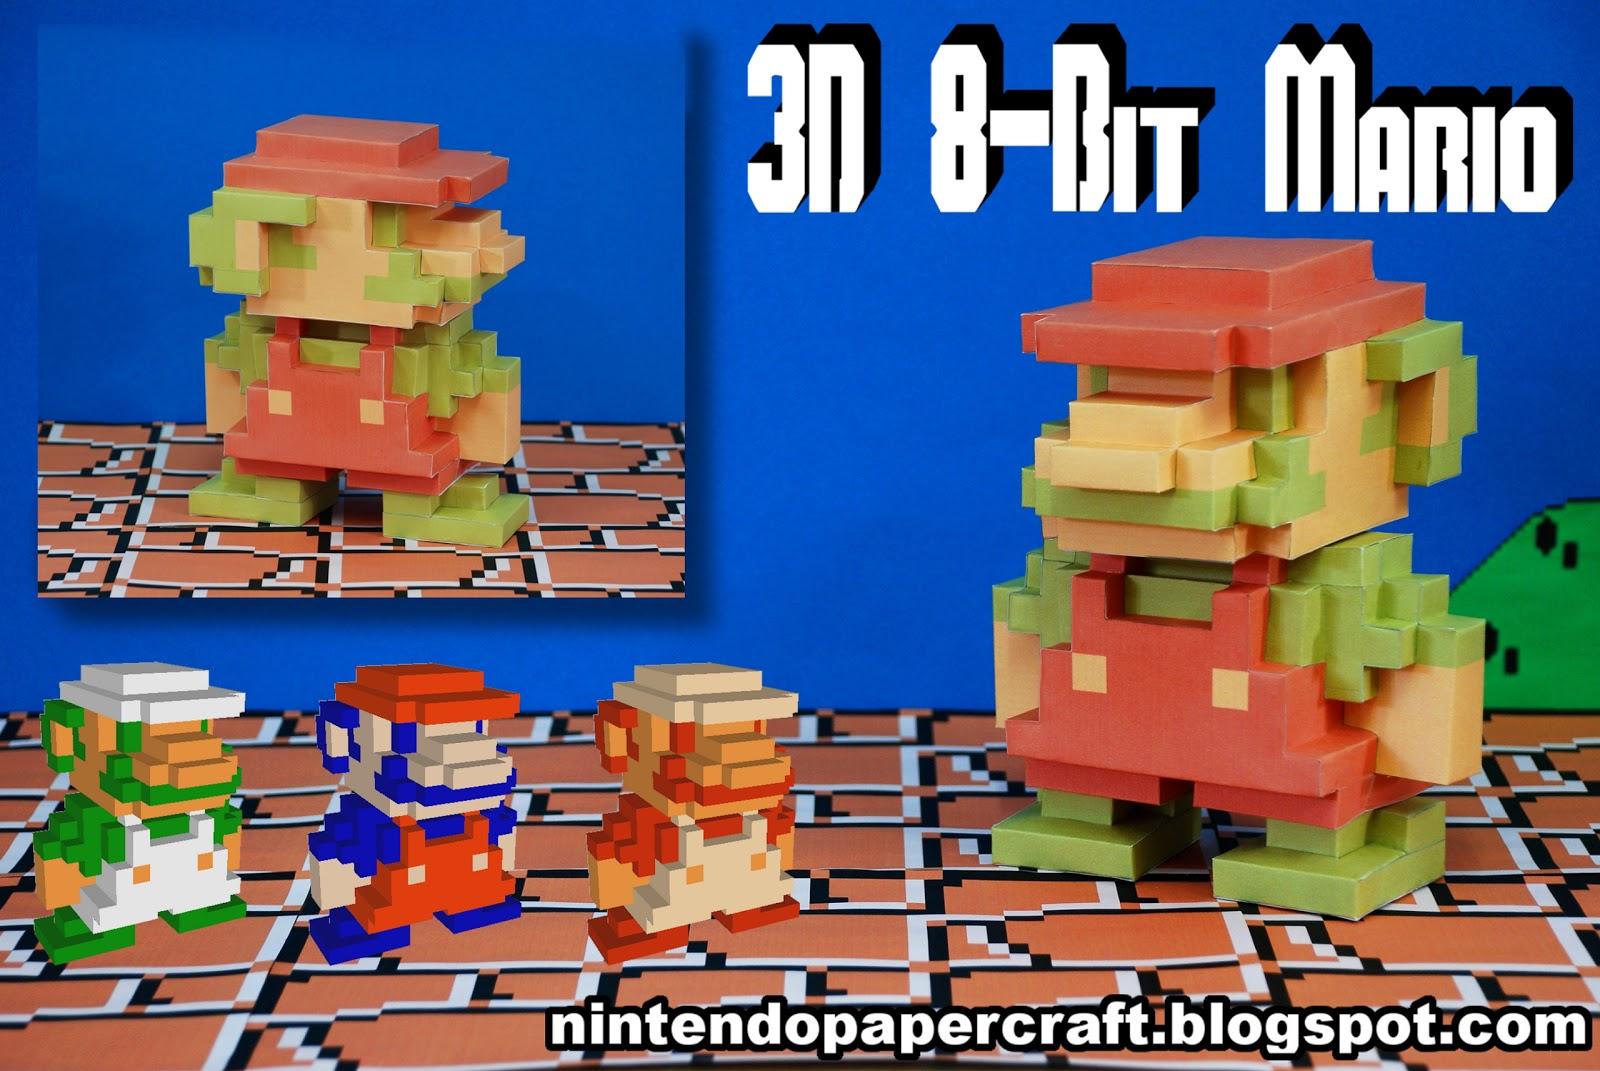 Ultimate Papercraft: 3D 8-Bit Mario Papercraft